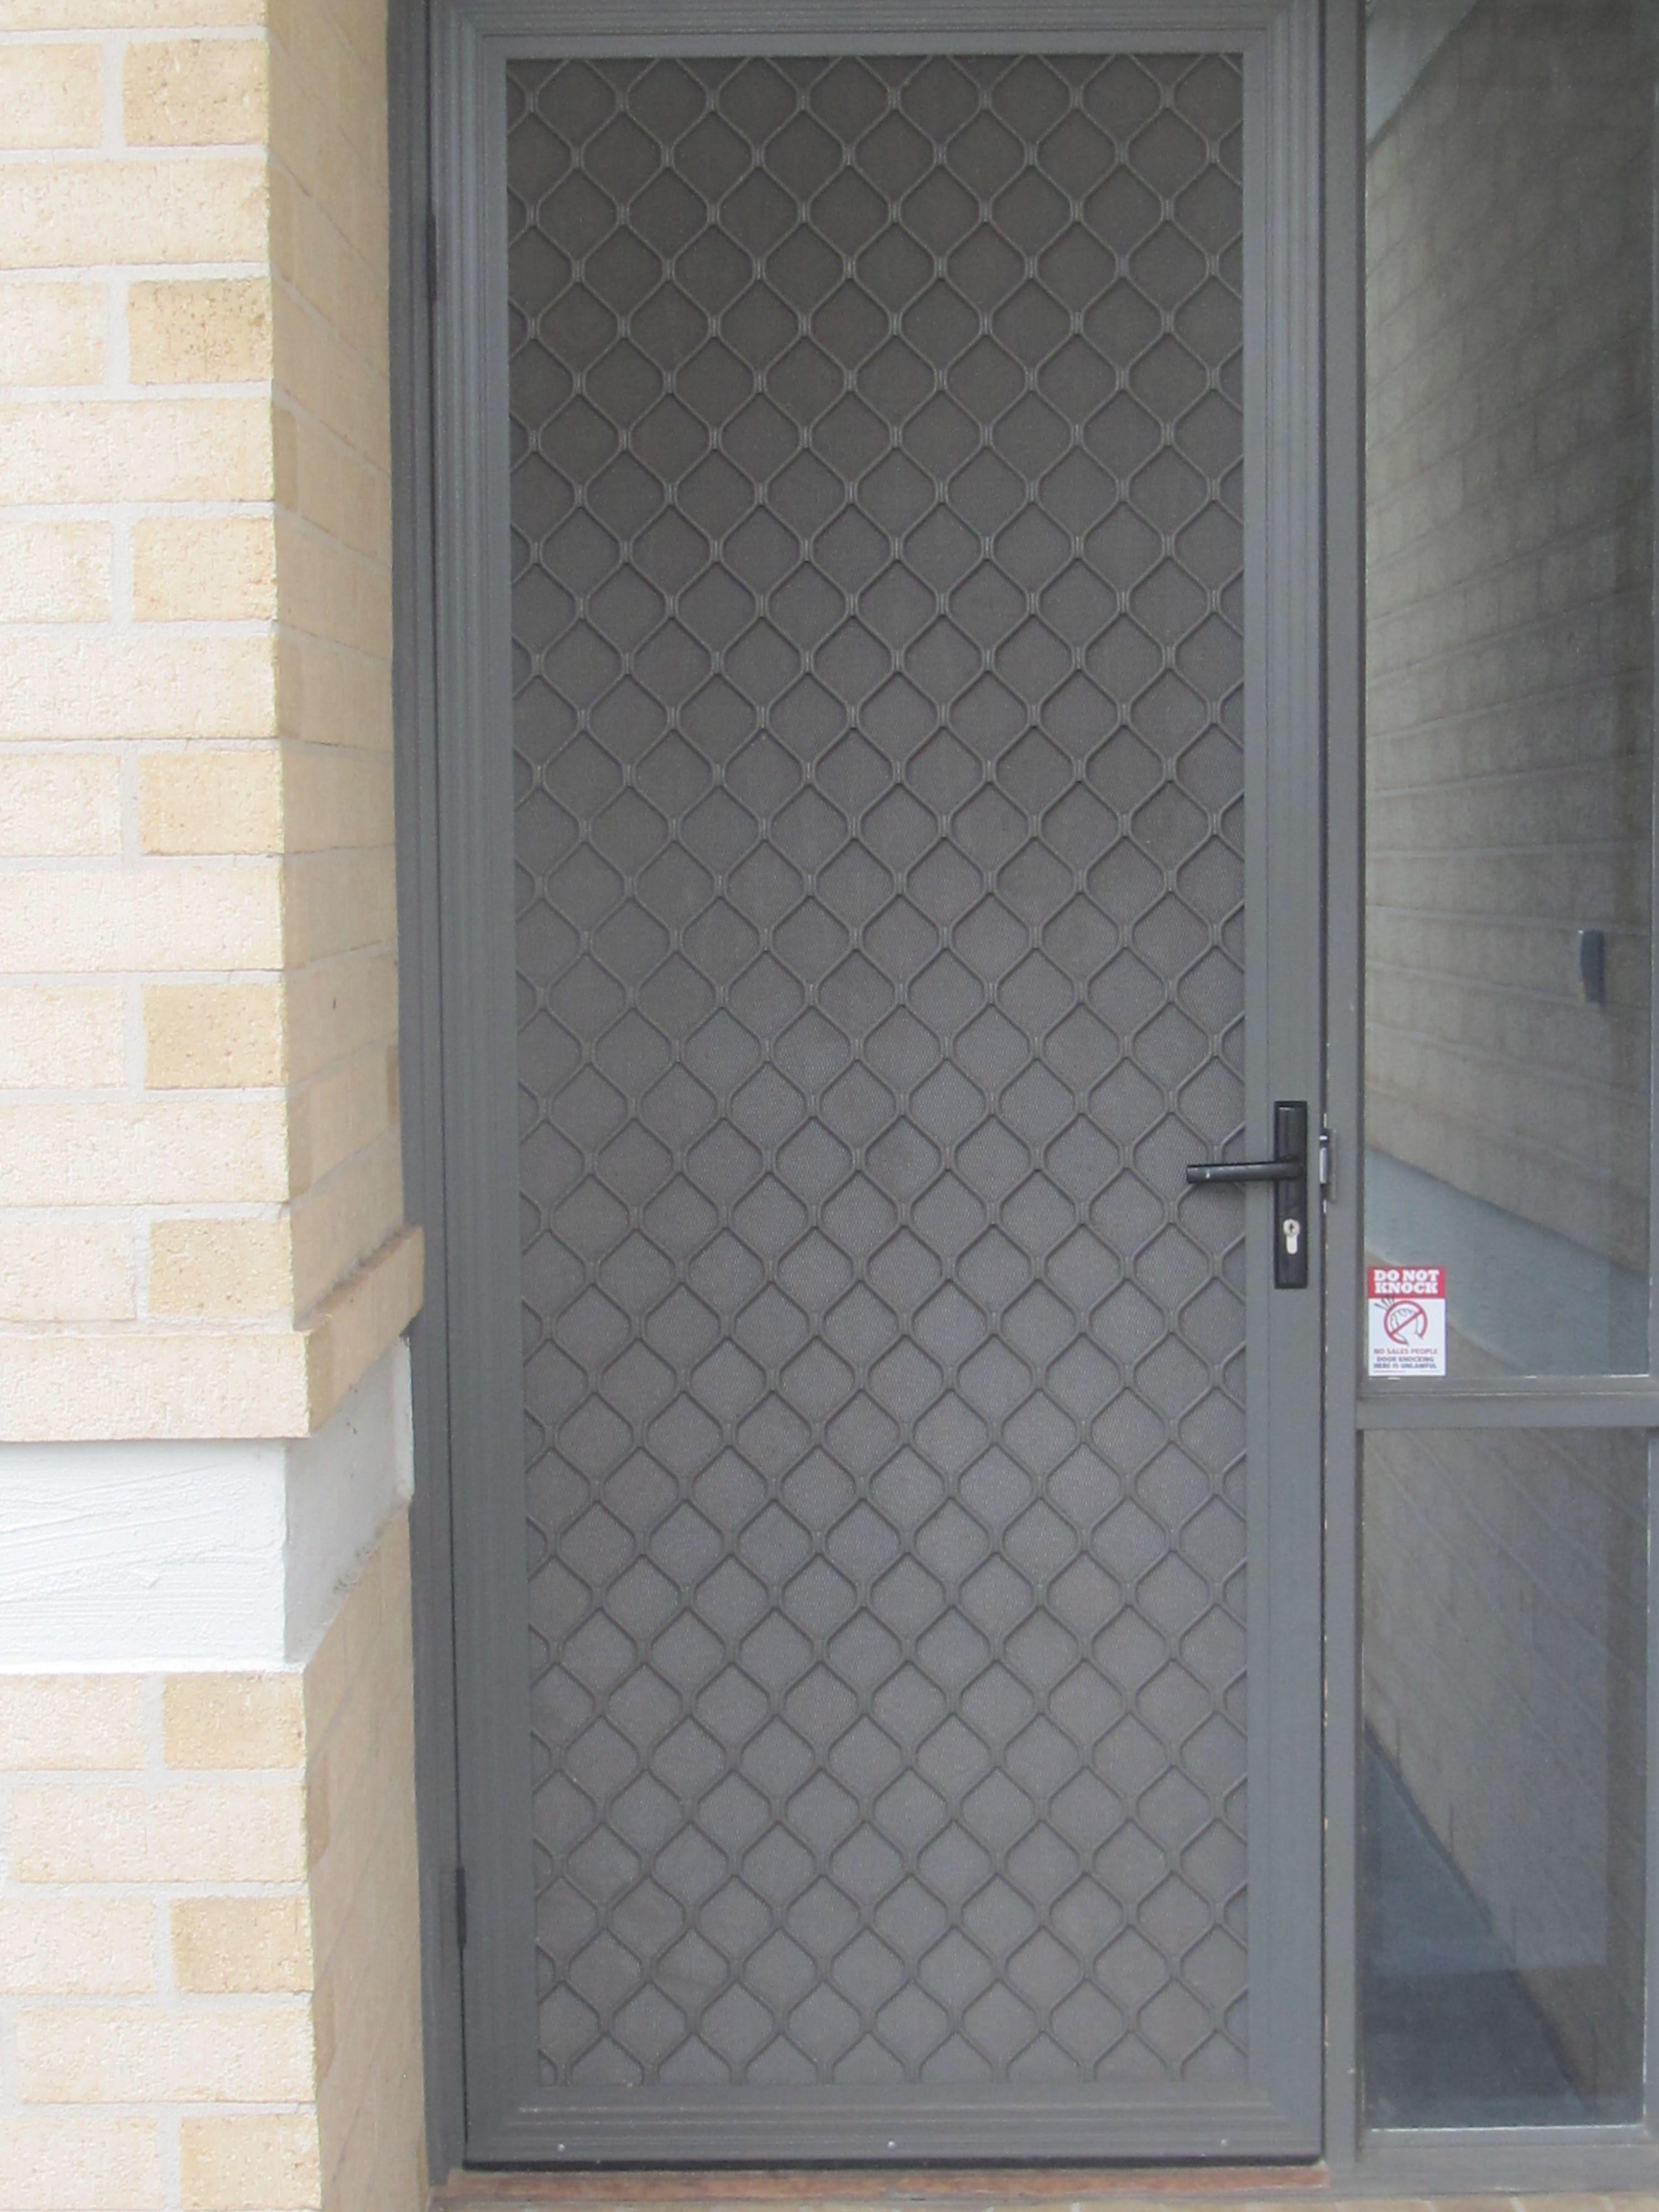 Roller Security Screen Doors Httpthefallguyediting